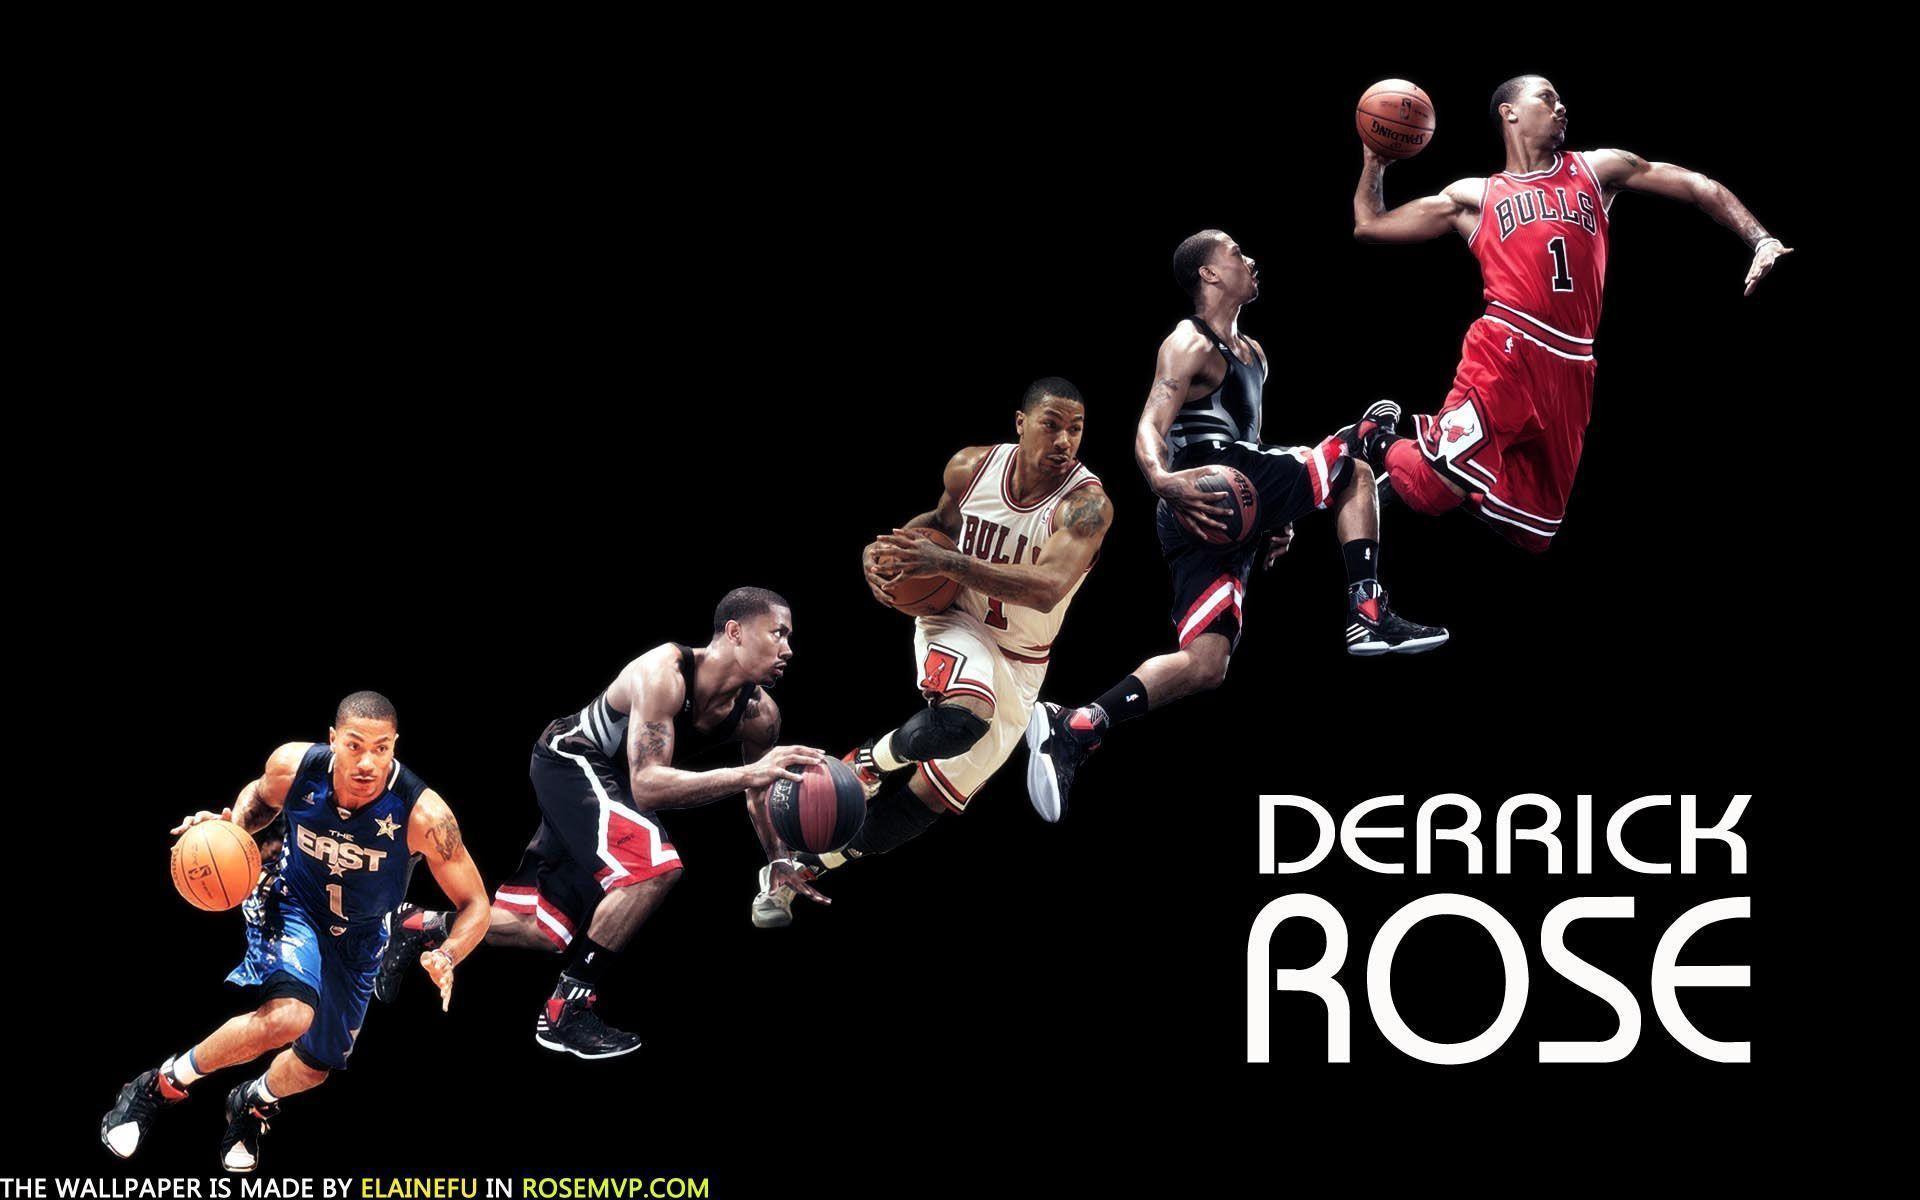 derrick rose wallpaper dunk - photo #3